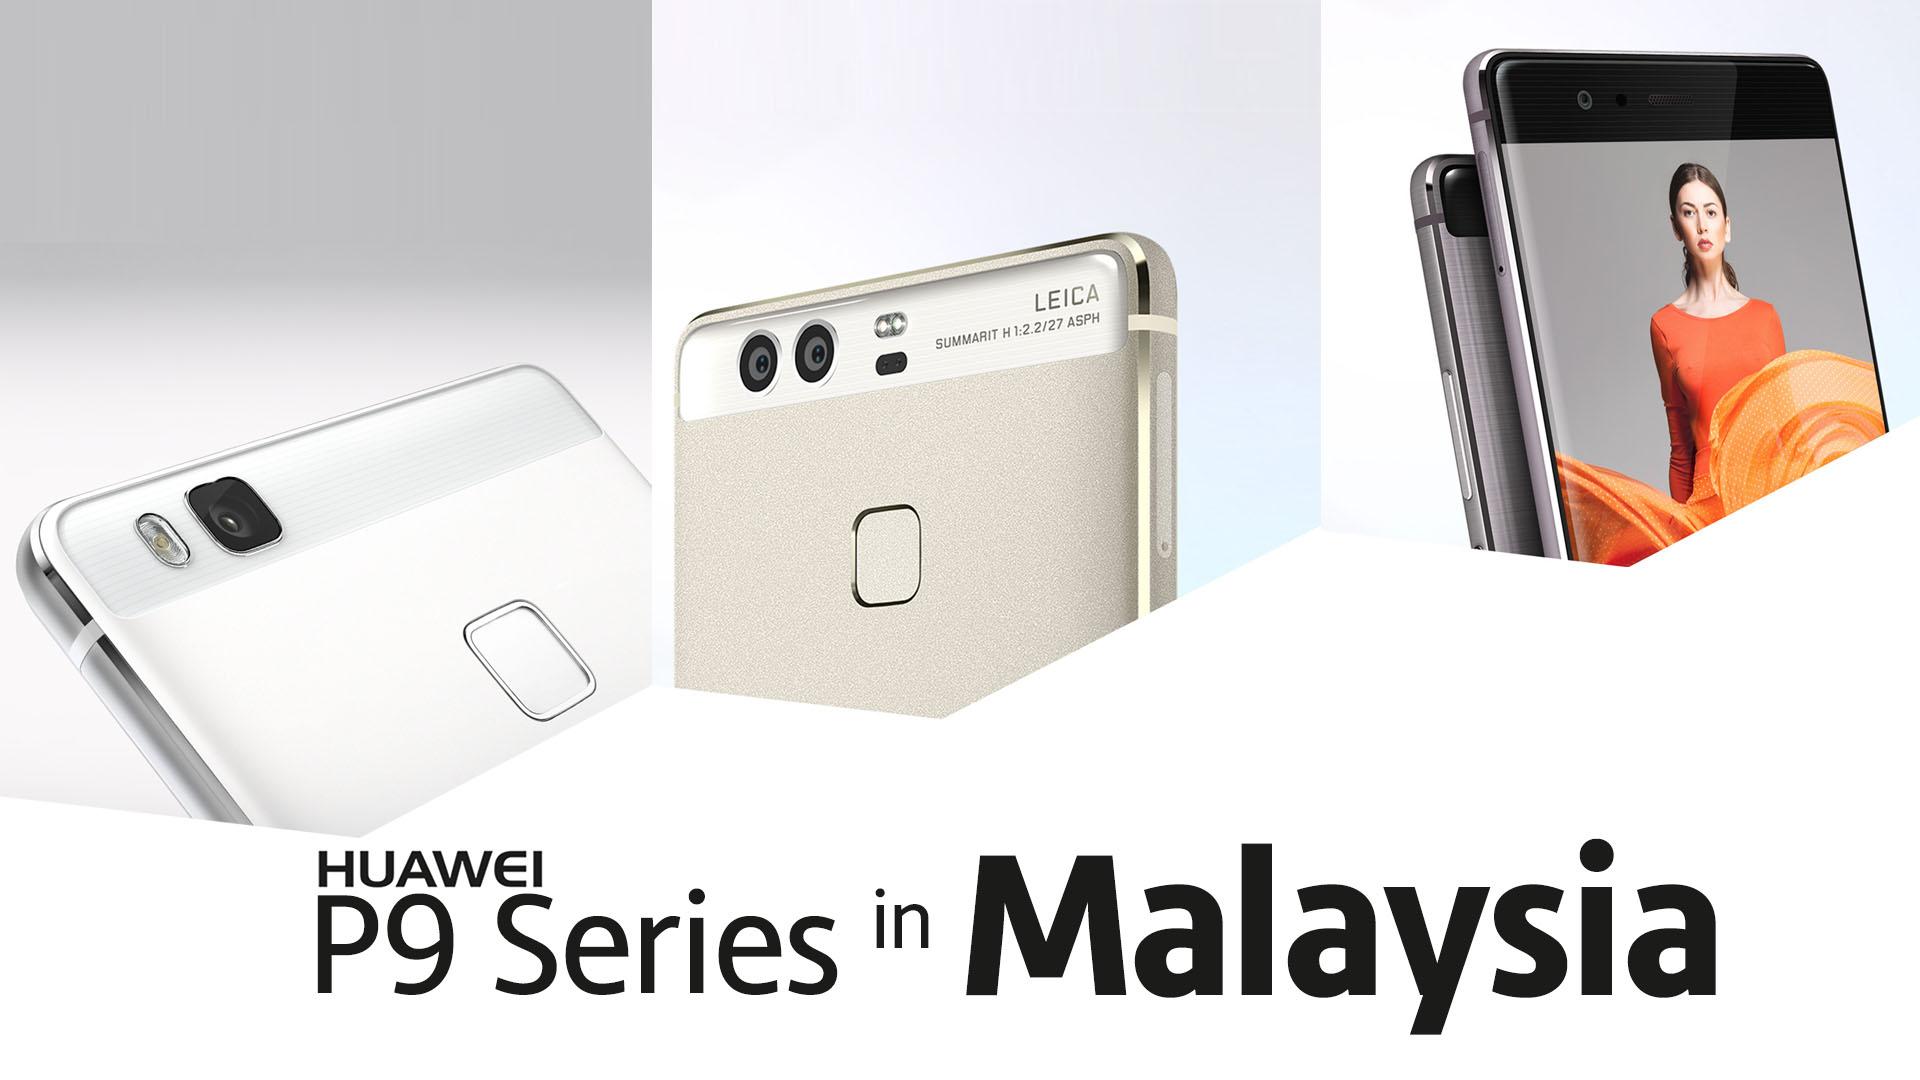 Huawei P9 Series in Malaysia